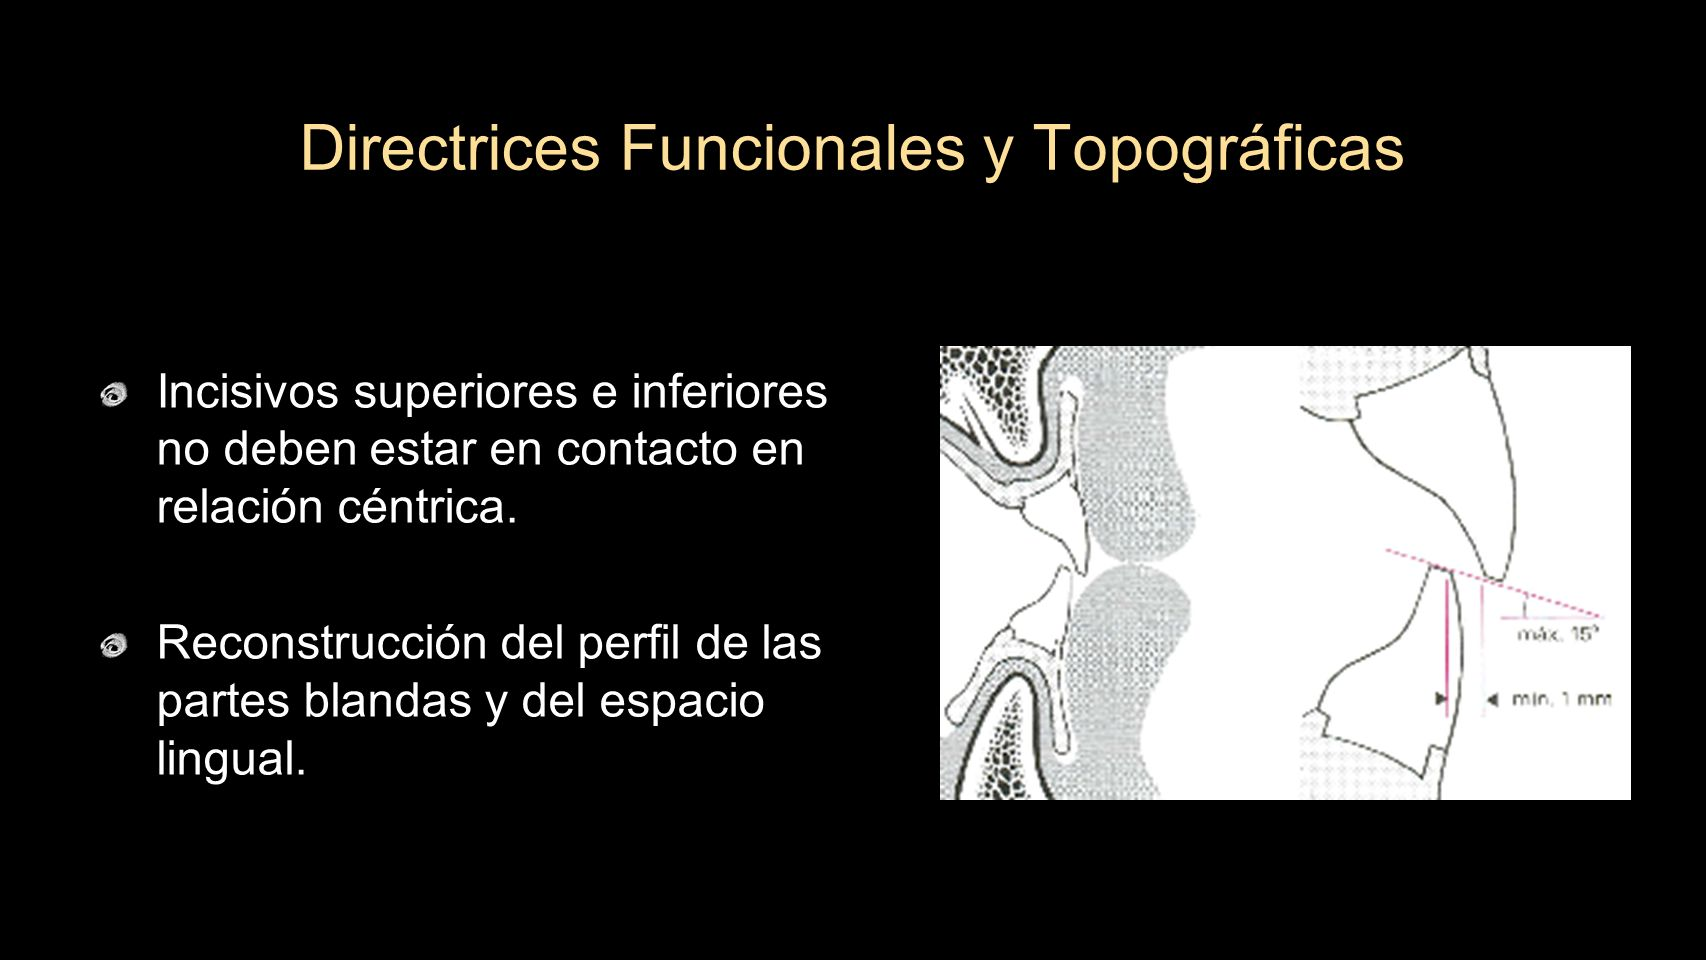 Directrices Funcionales y Topográficas